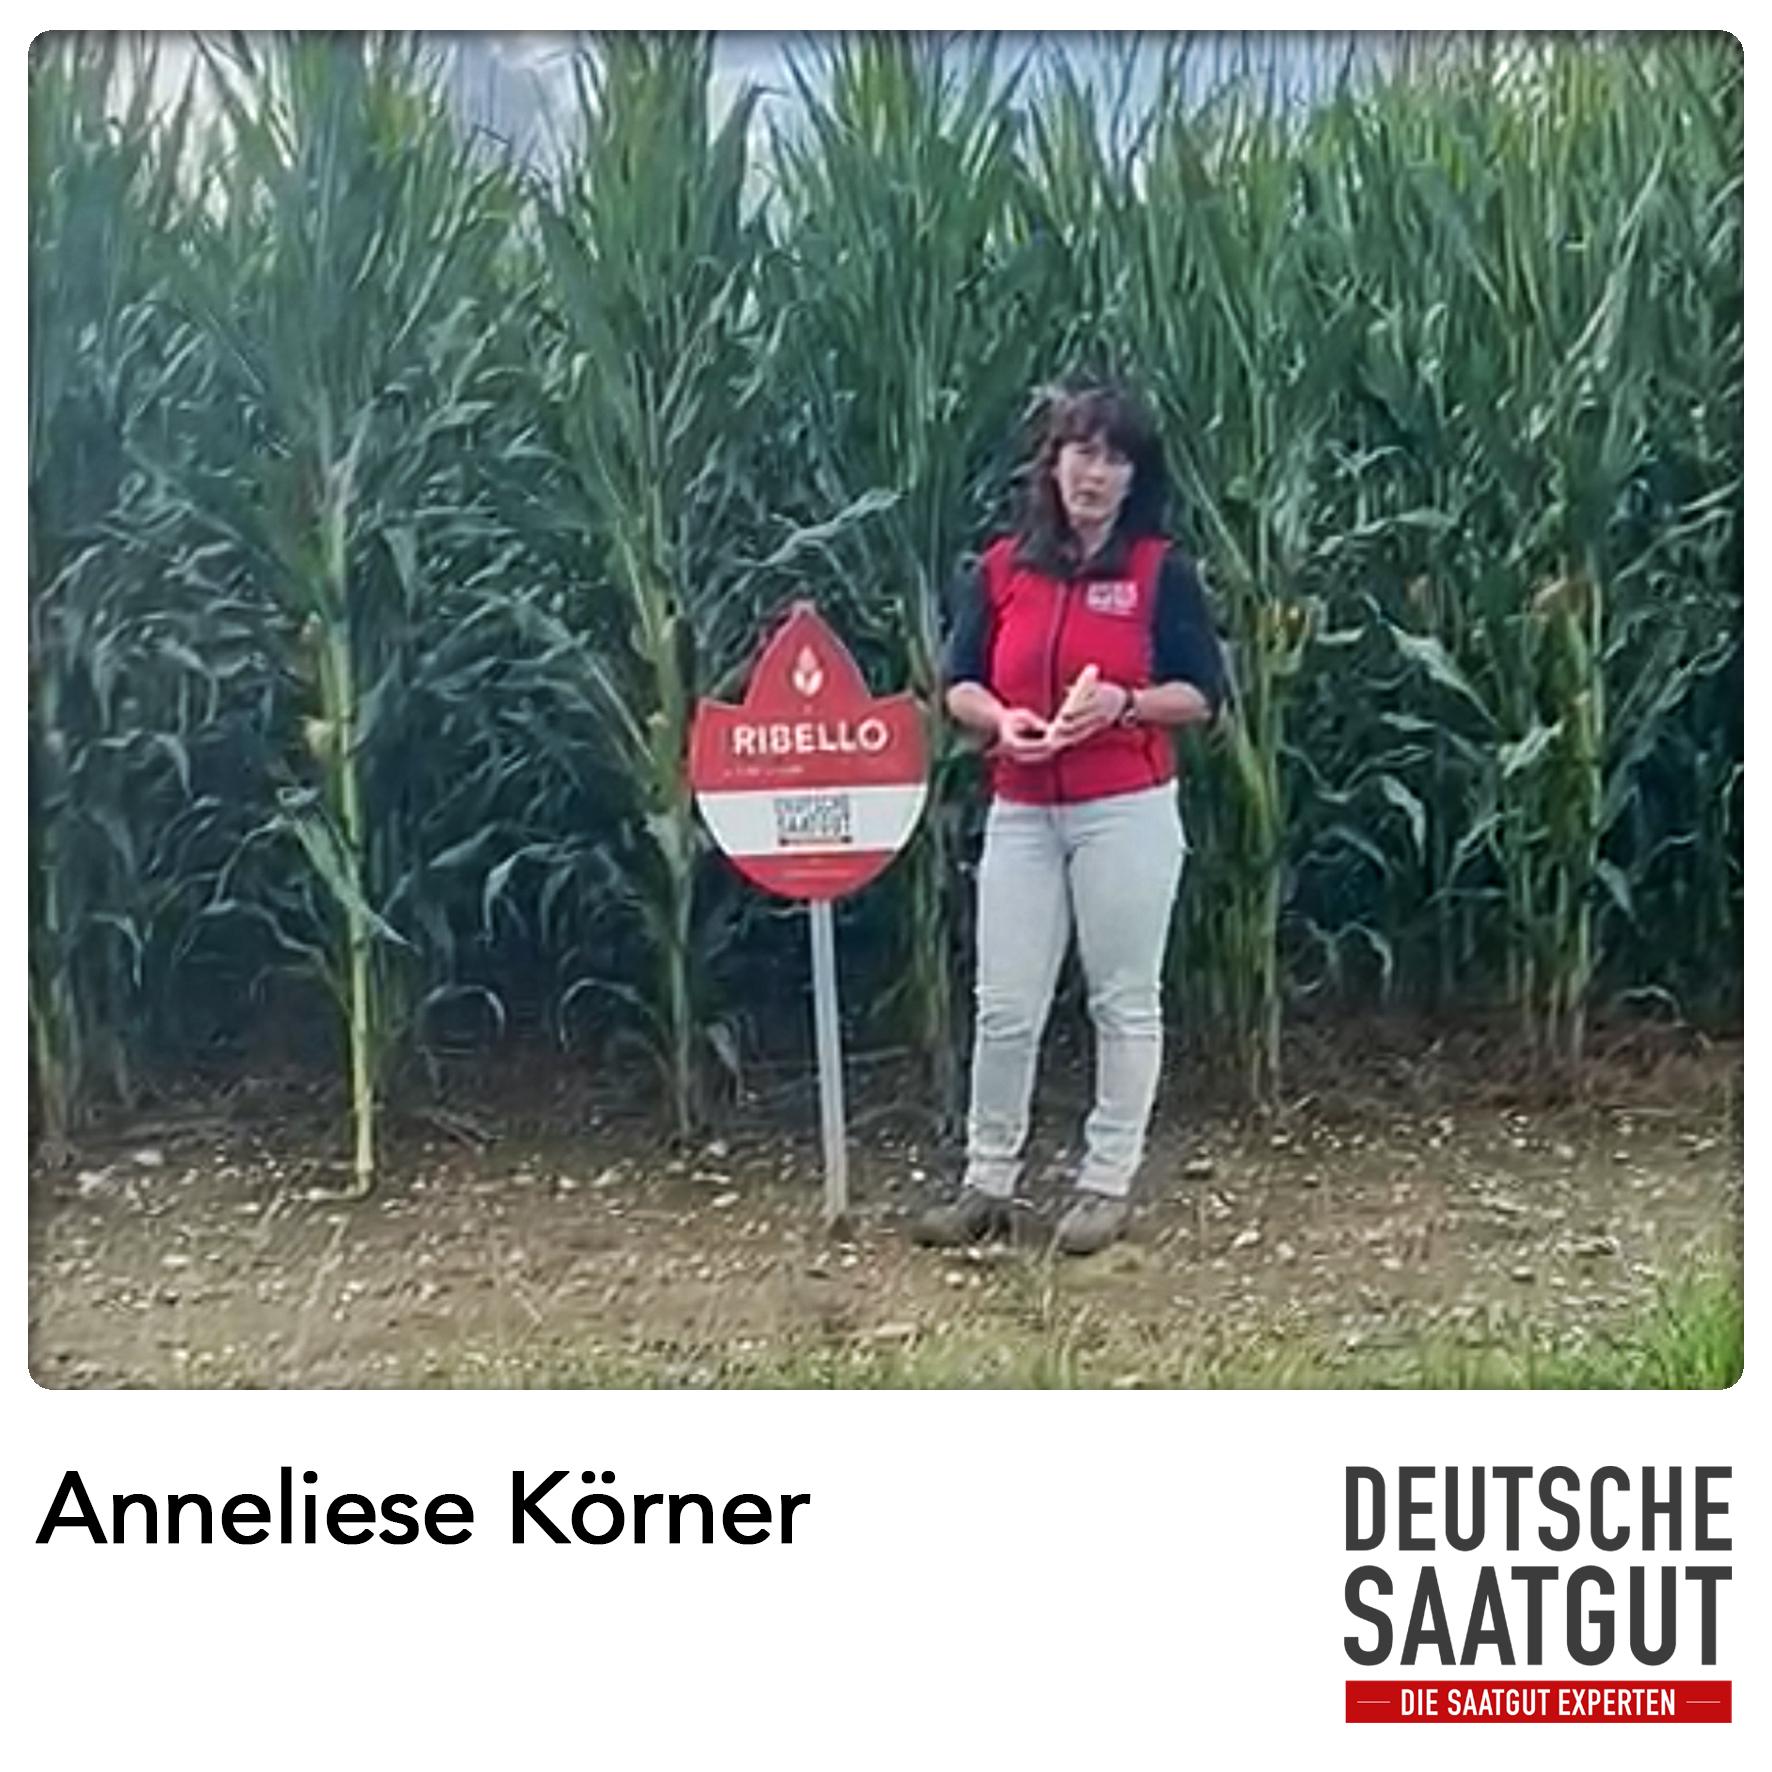 Anneliese Körner bei der Mais-Sortendemo in Pastetten, Bayern